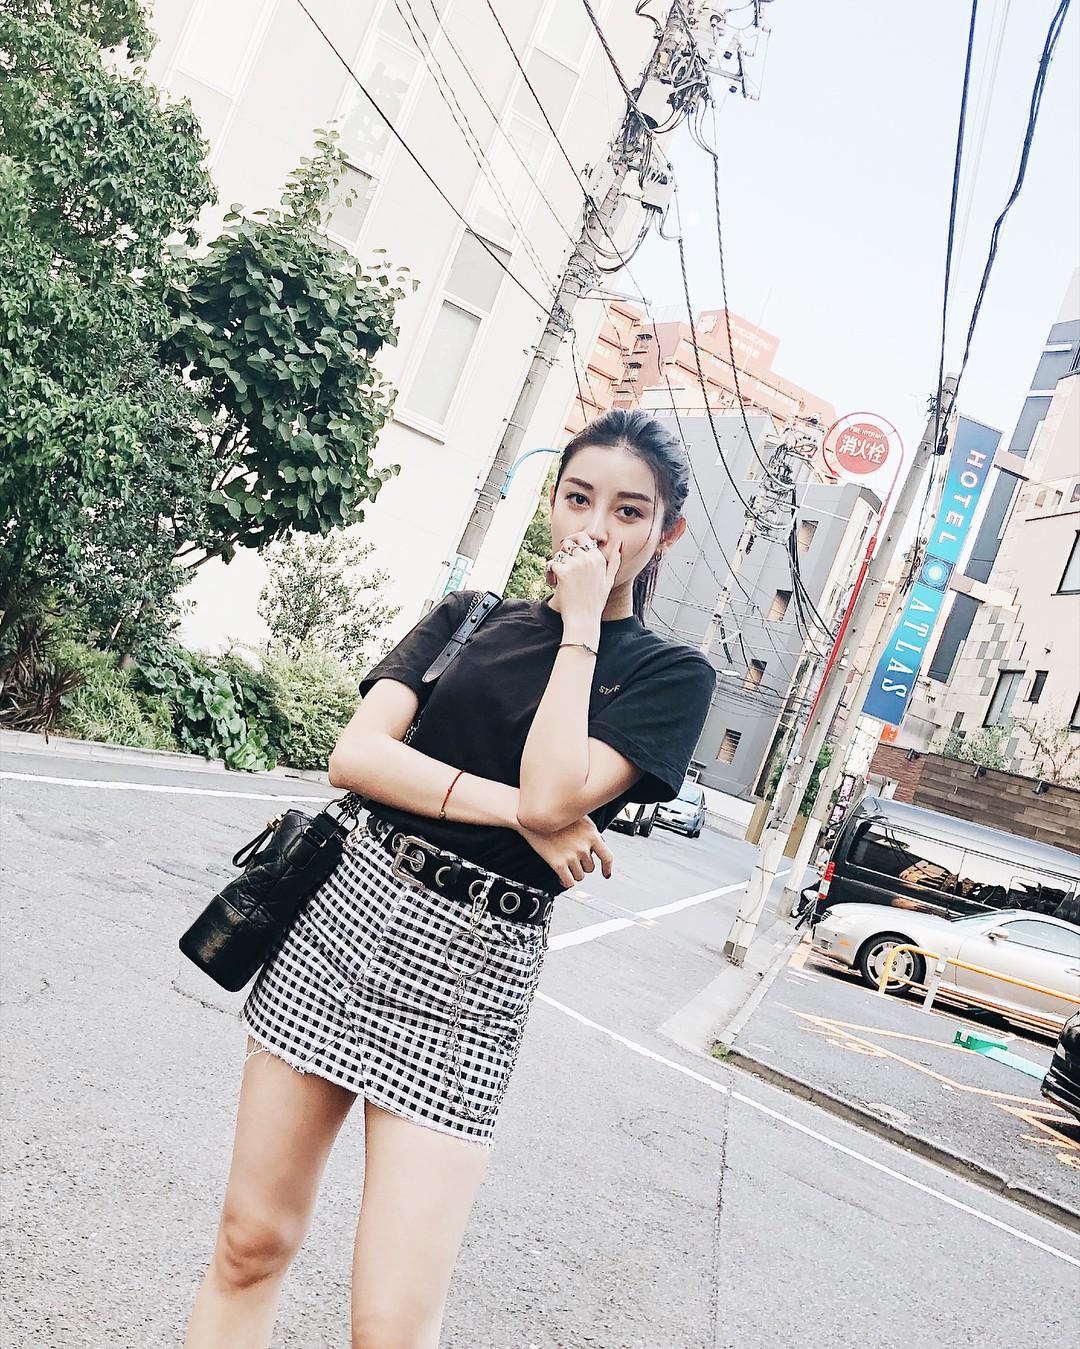 Thêm một tấm gương mặc đẹp cho các chị em: Á hậu Huyền My với style đơn giản nhưng cực sang - xịn - mịn - Ảnh 9.